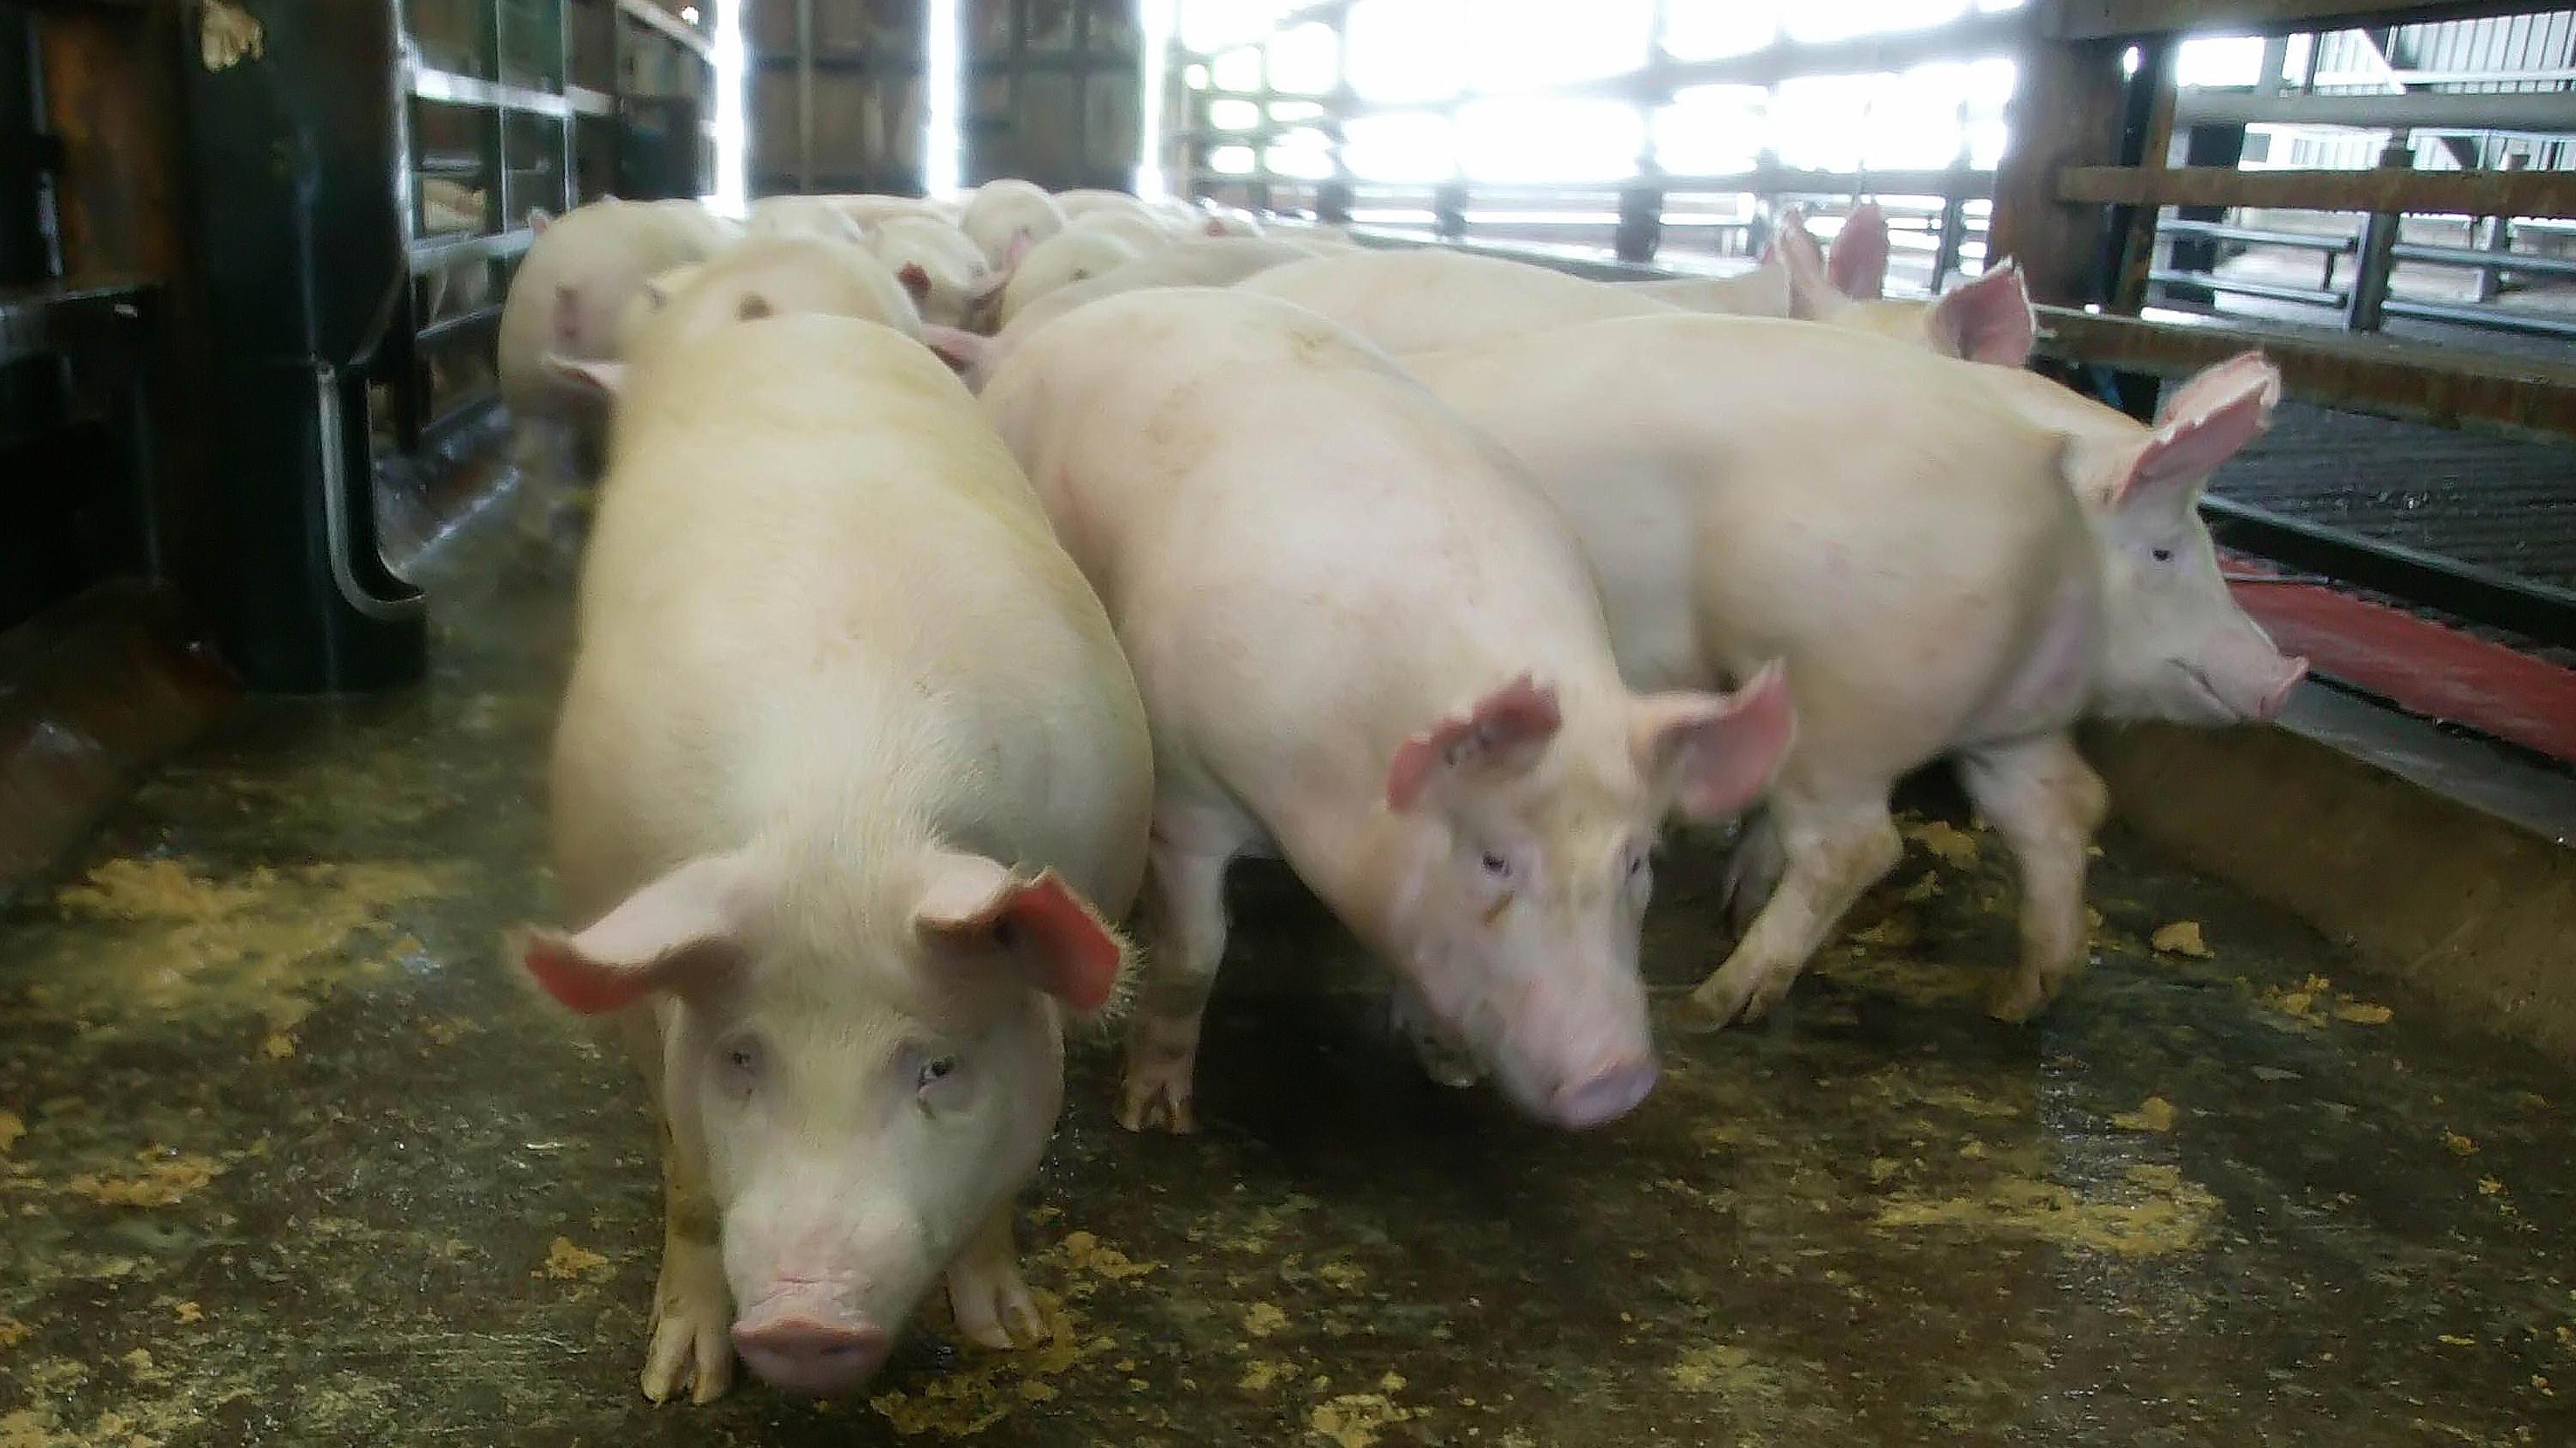 Gripe porcina afecta al mercado chino y el precio del cerdo se incrementa cerca de un 21,1% durante este año